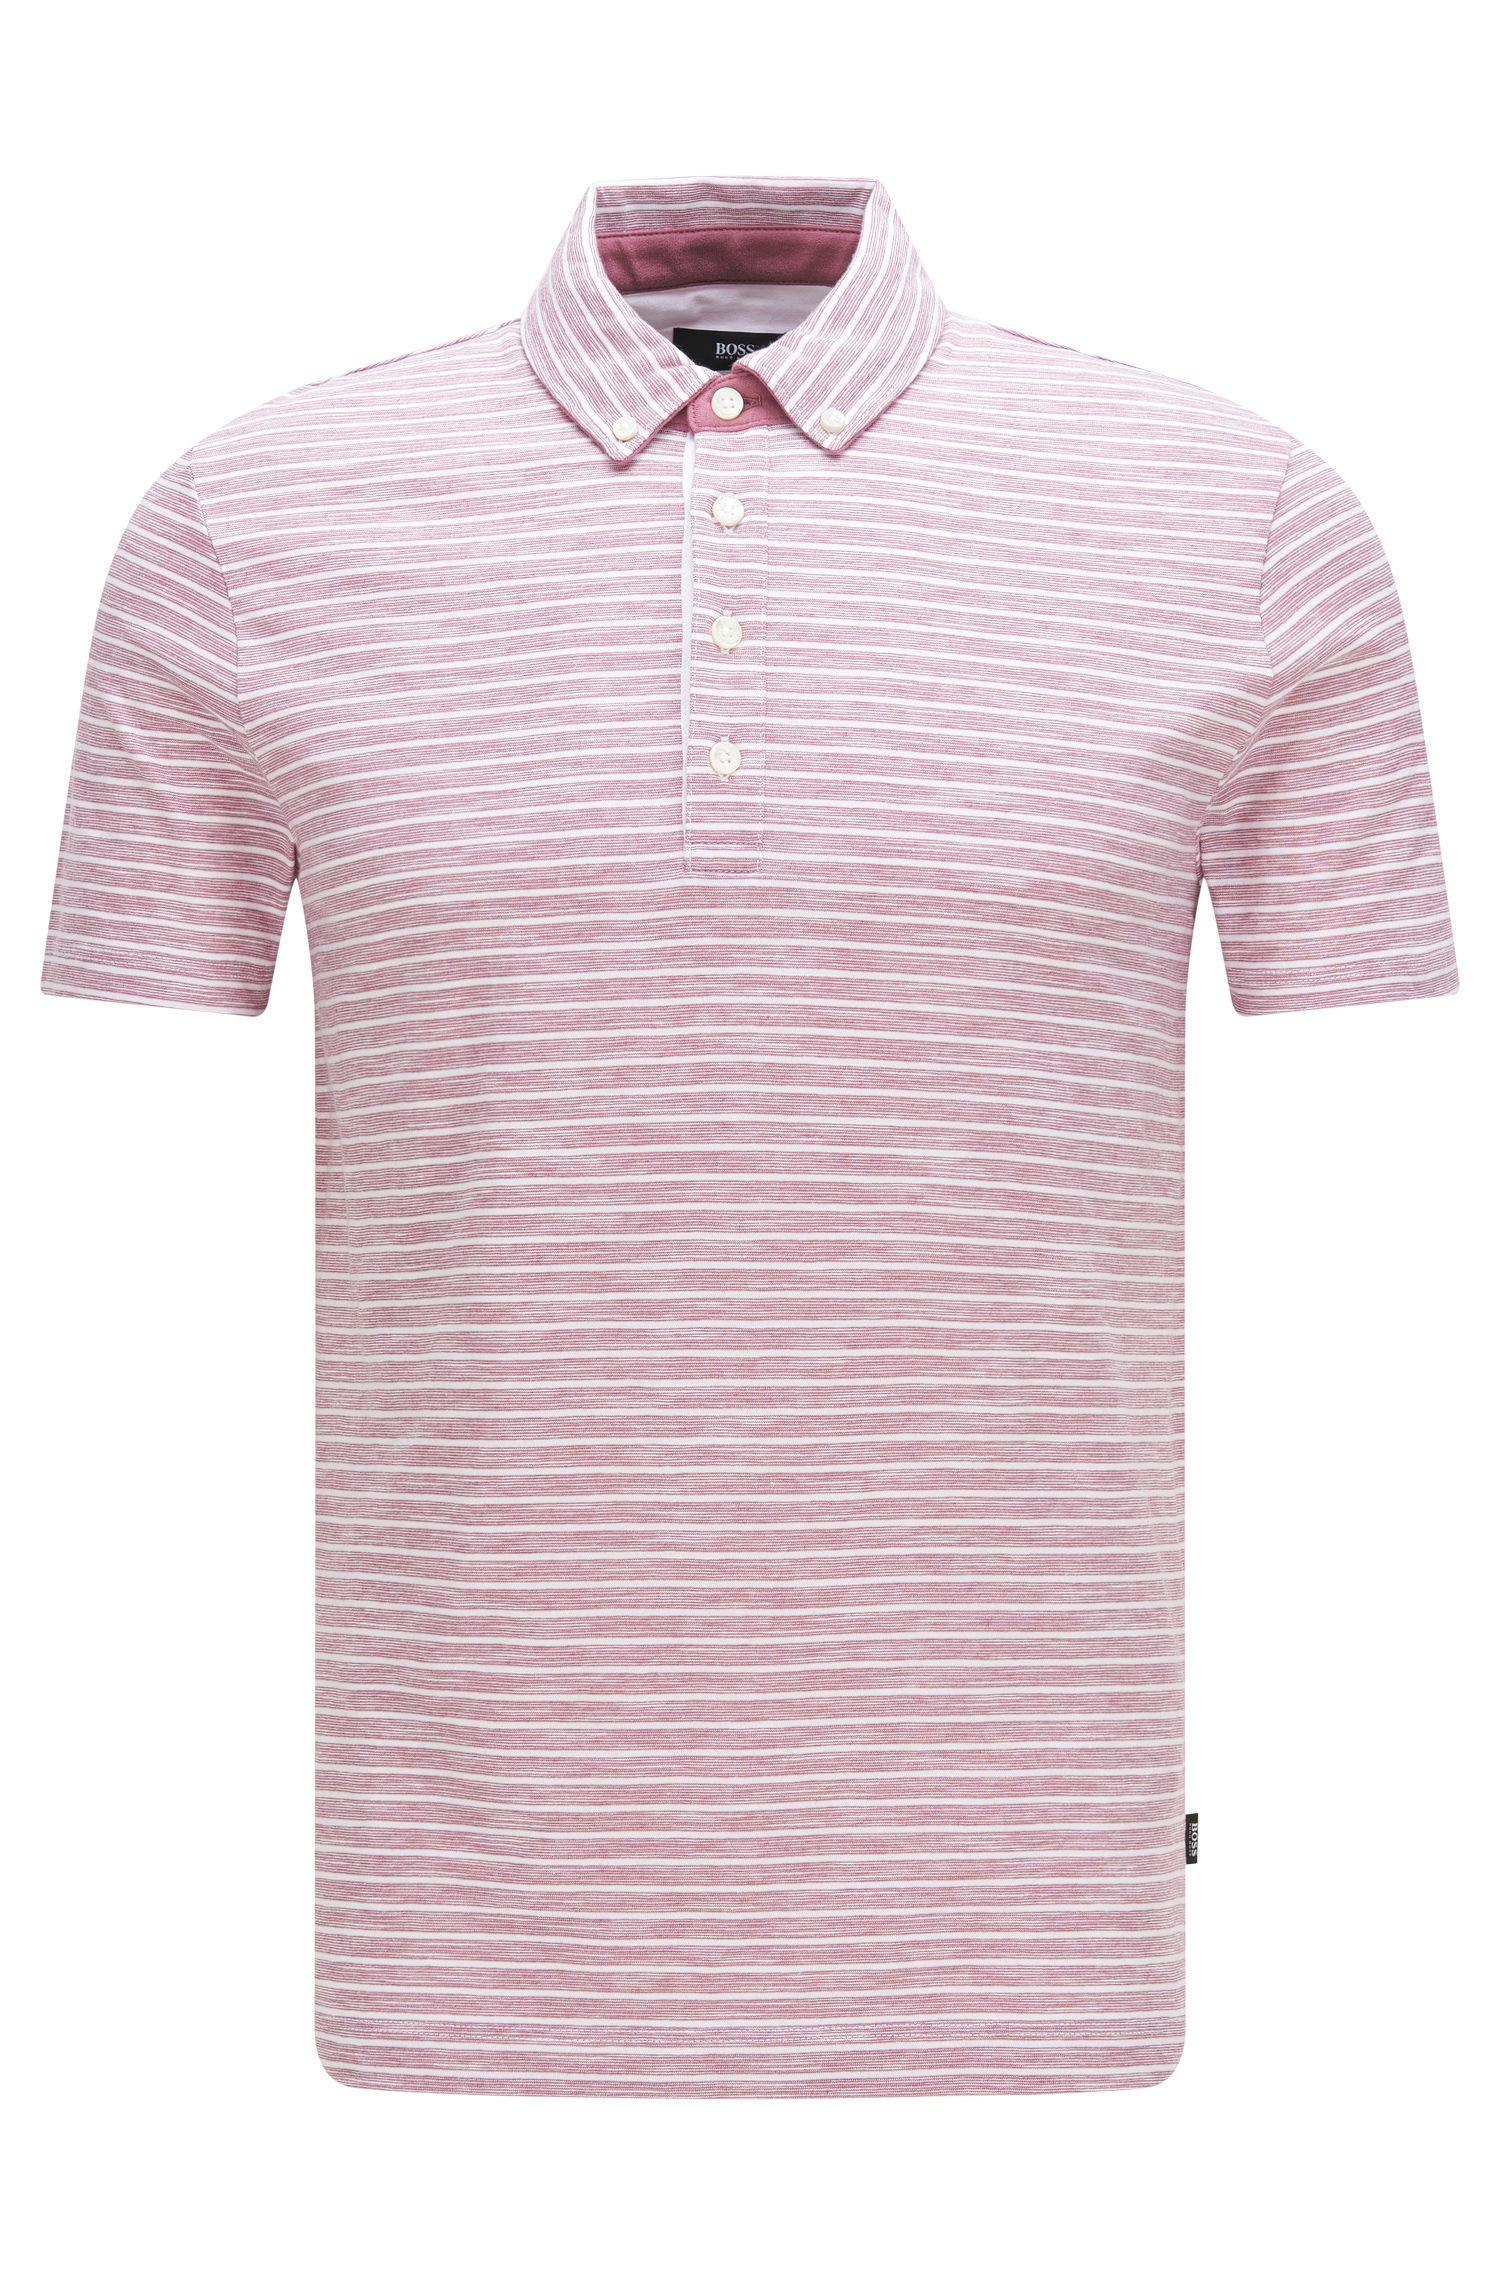 Cotton Striped Polo Shirt, Slim Fit | Platt